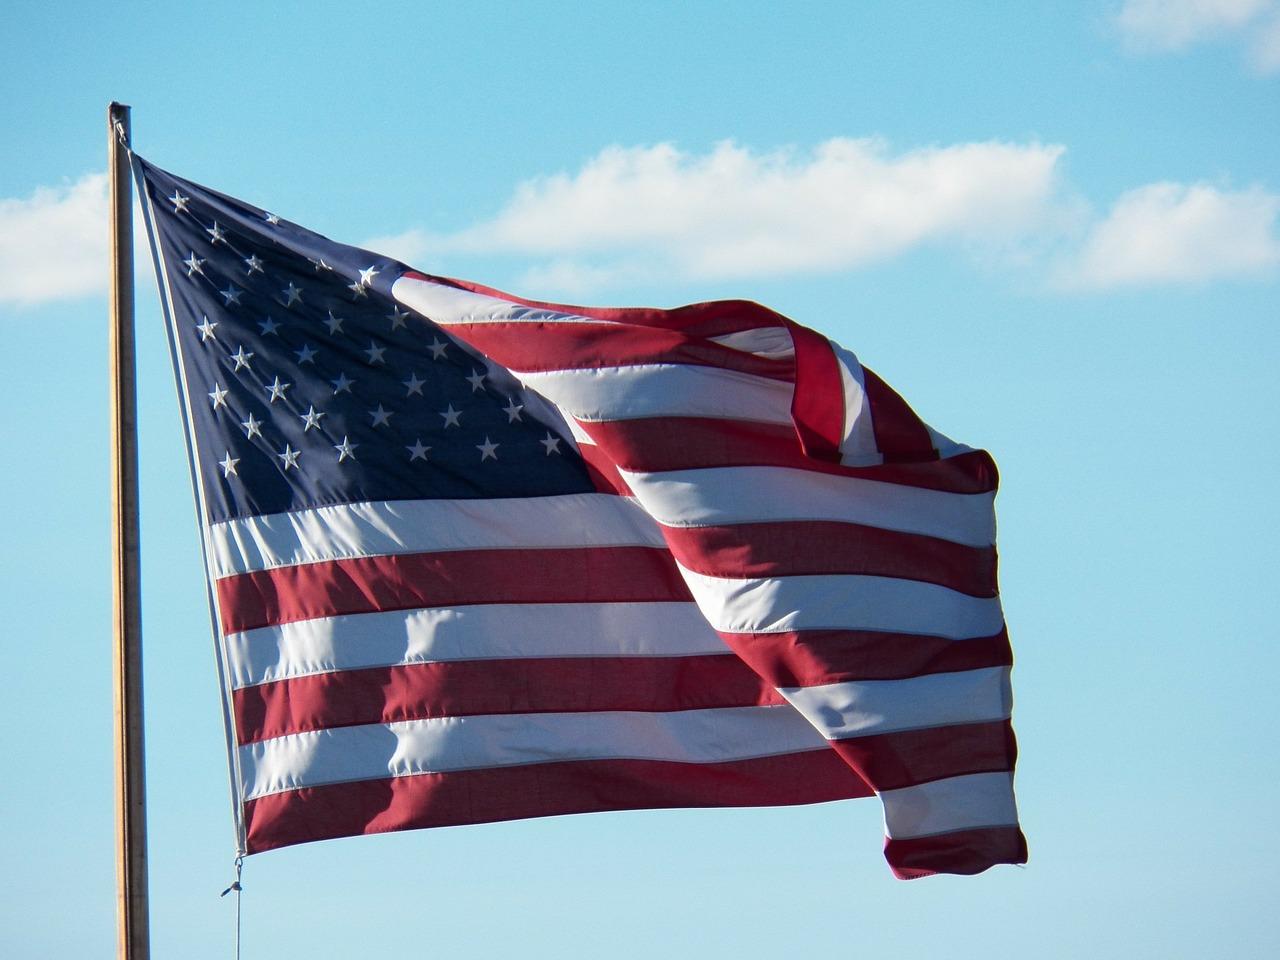 flag-216887_1280.jpg